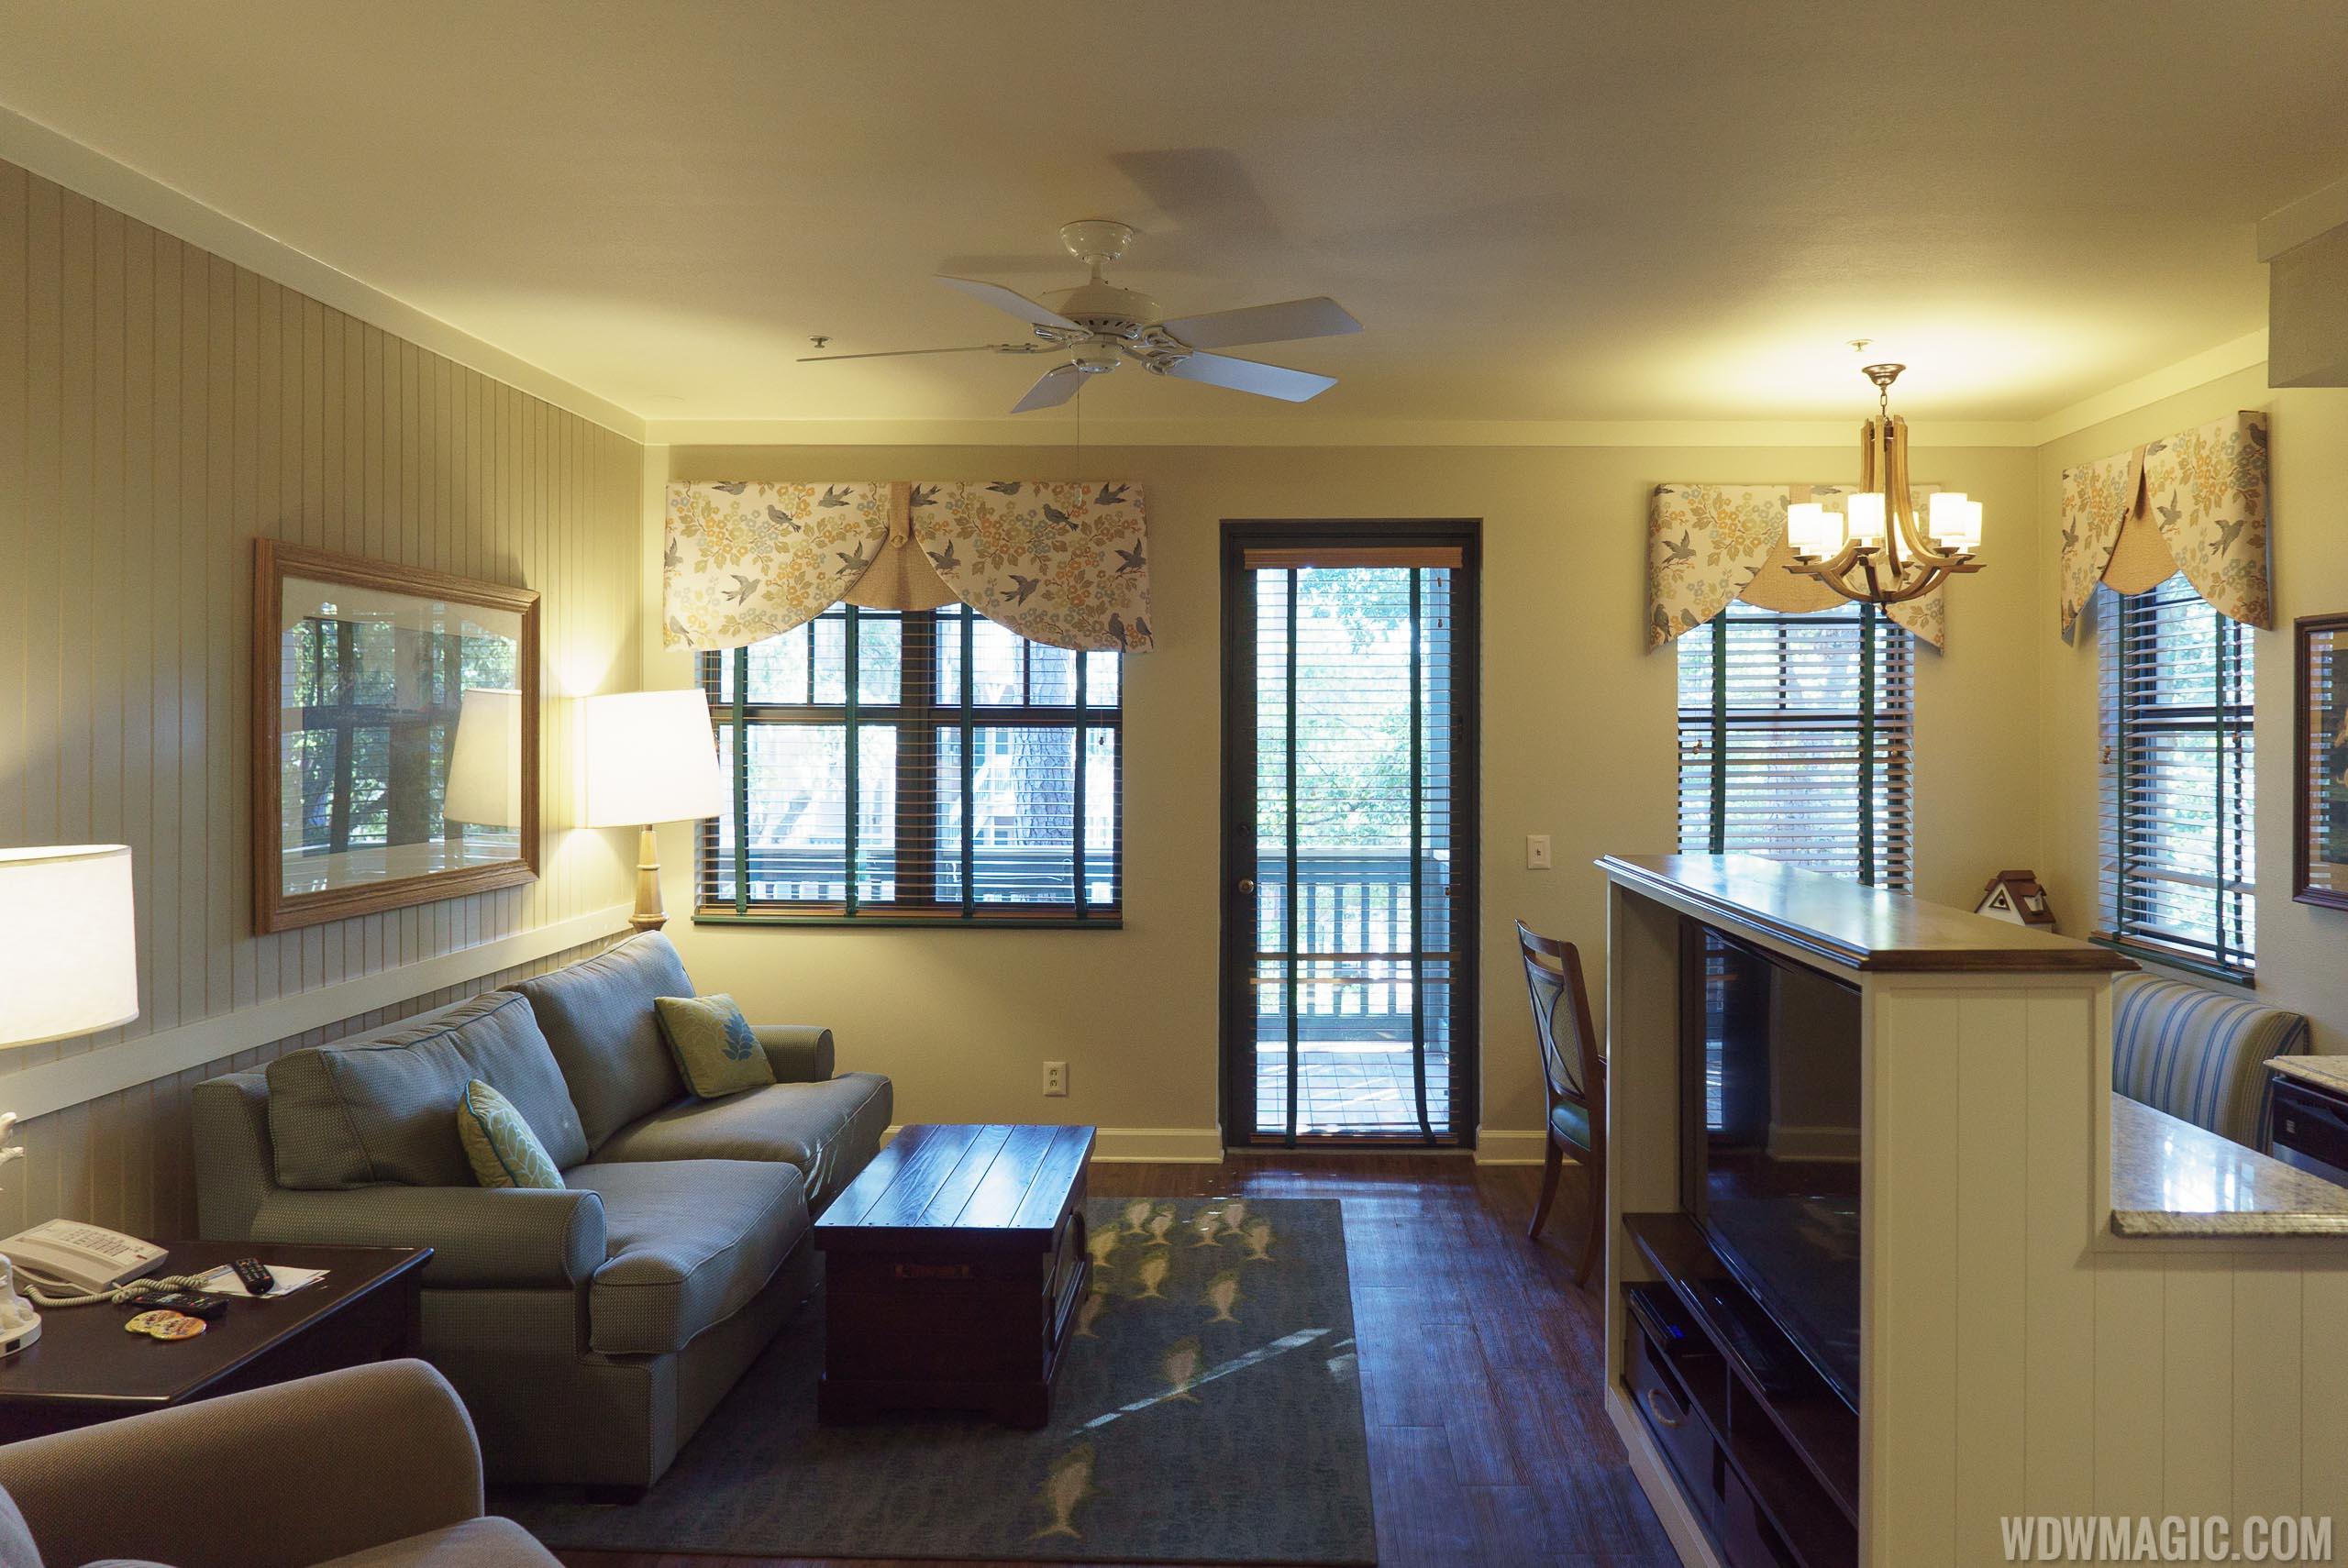 2 bedroom suites in hilton head sc online information